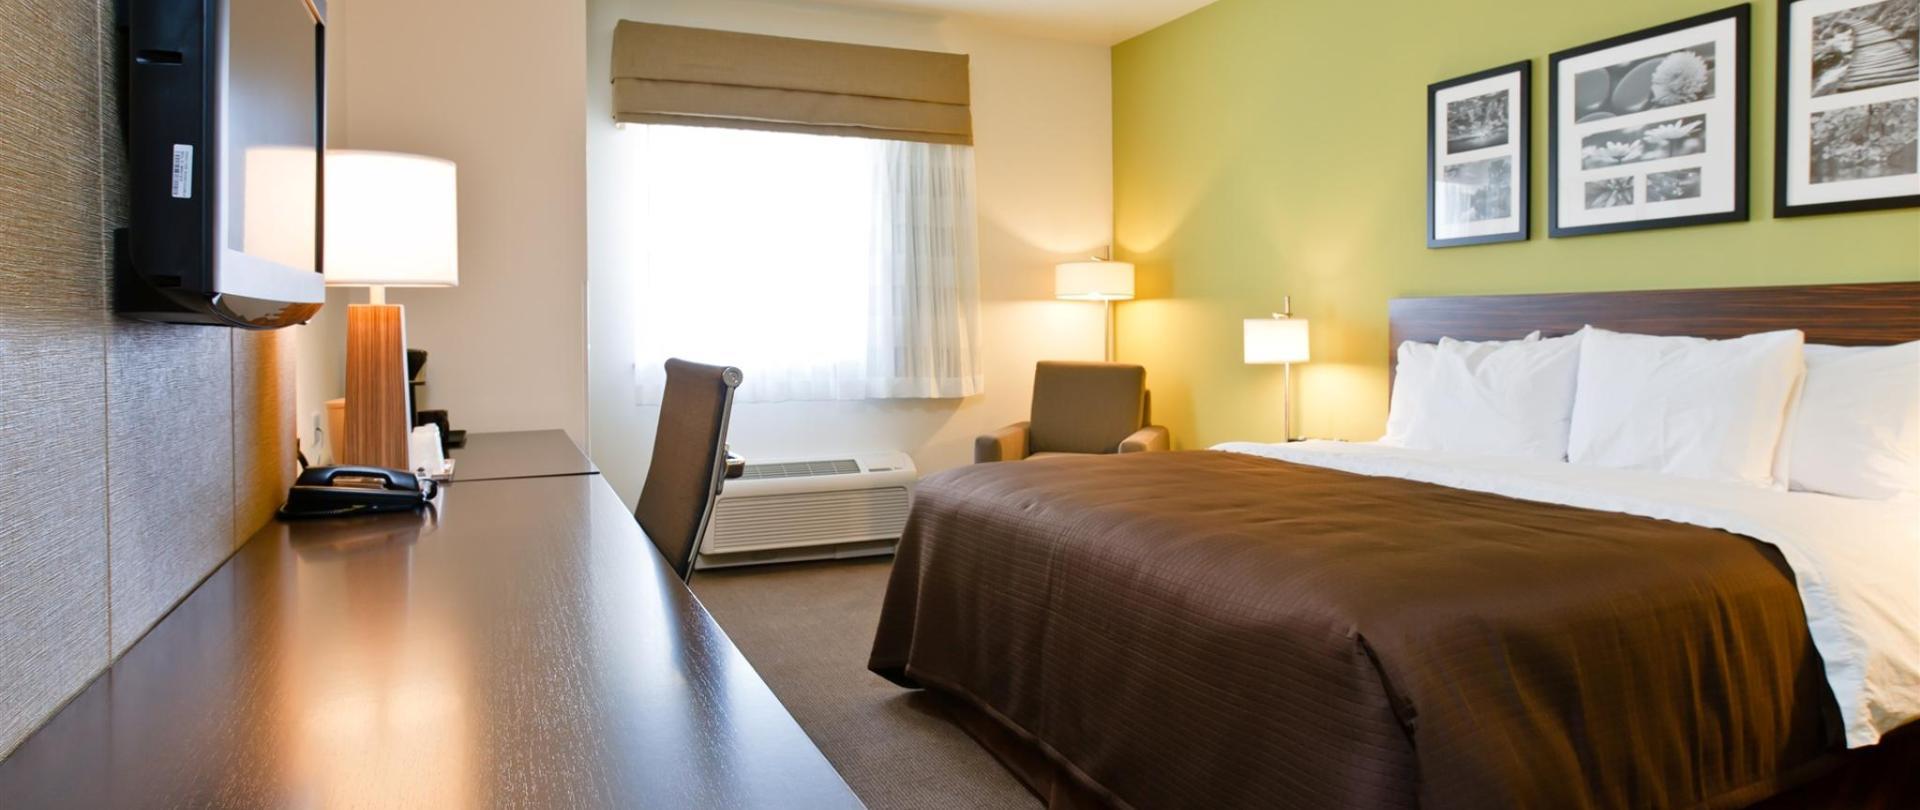 ks148-sleep-inn-king-room-1.jpg